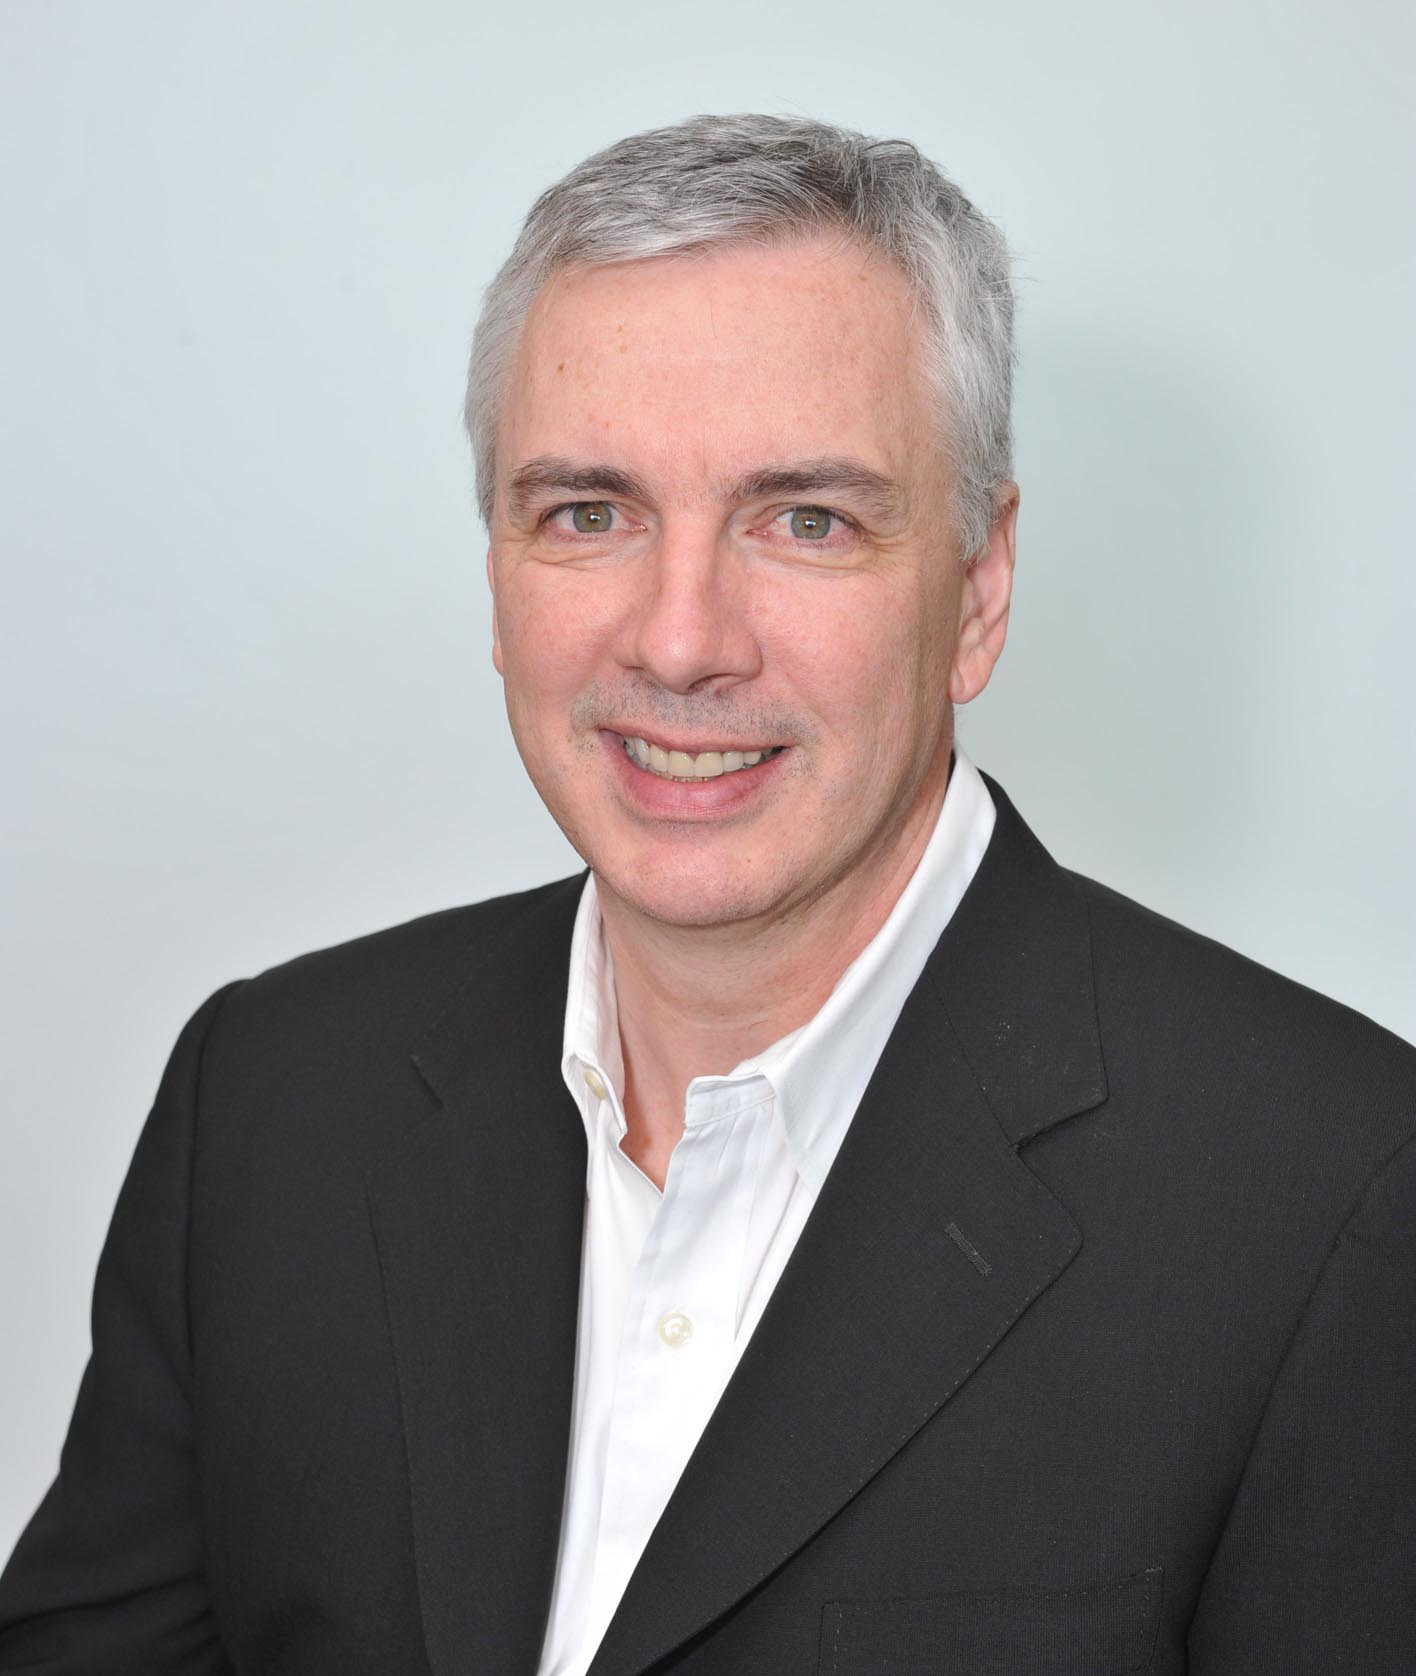 Kim Patrick Kobza